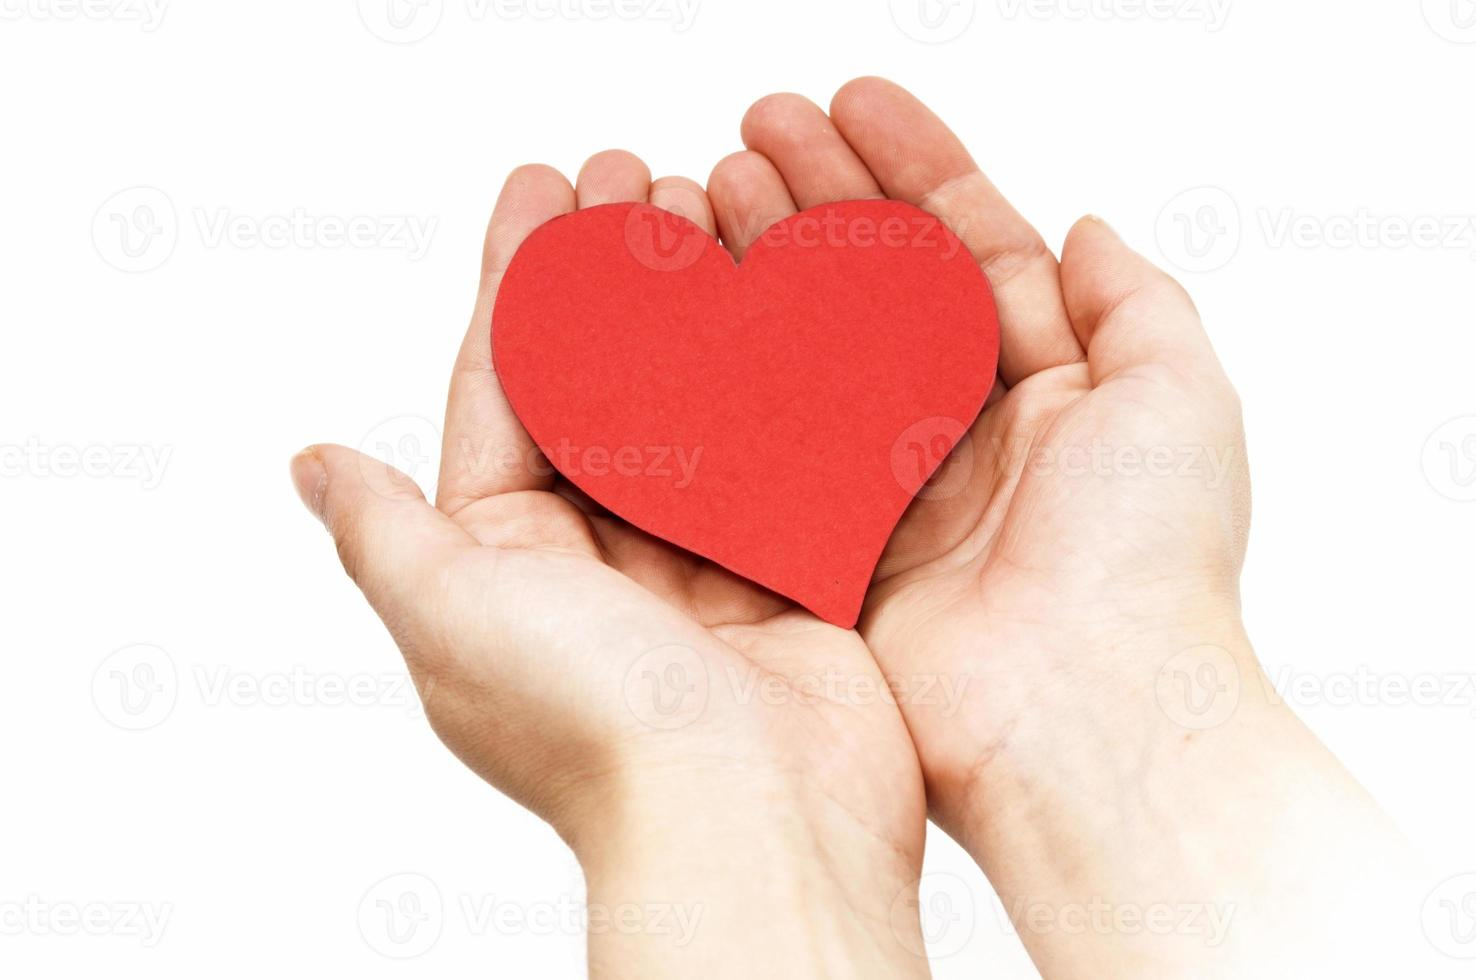 mano con corazón foto